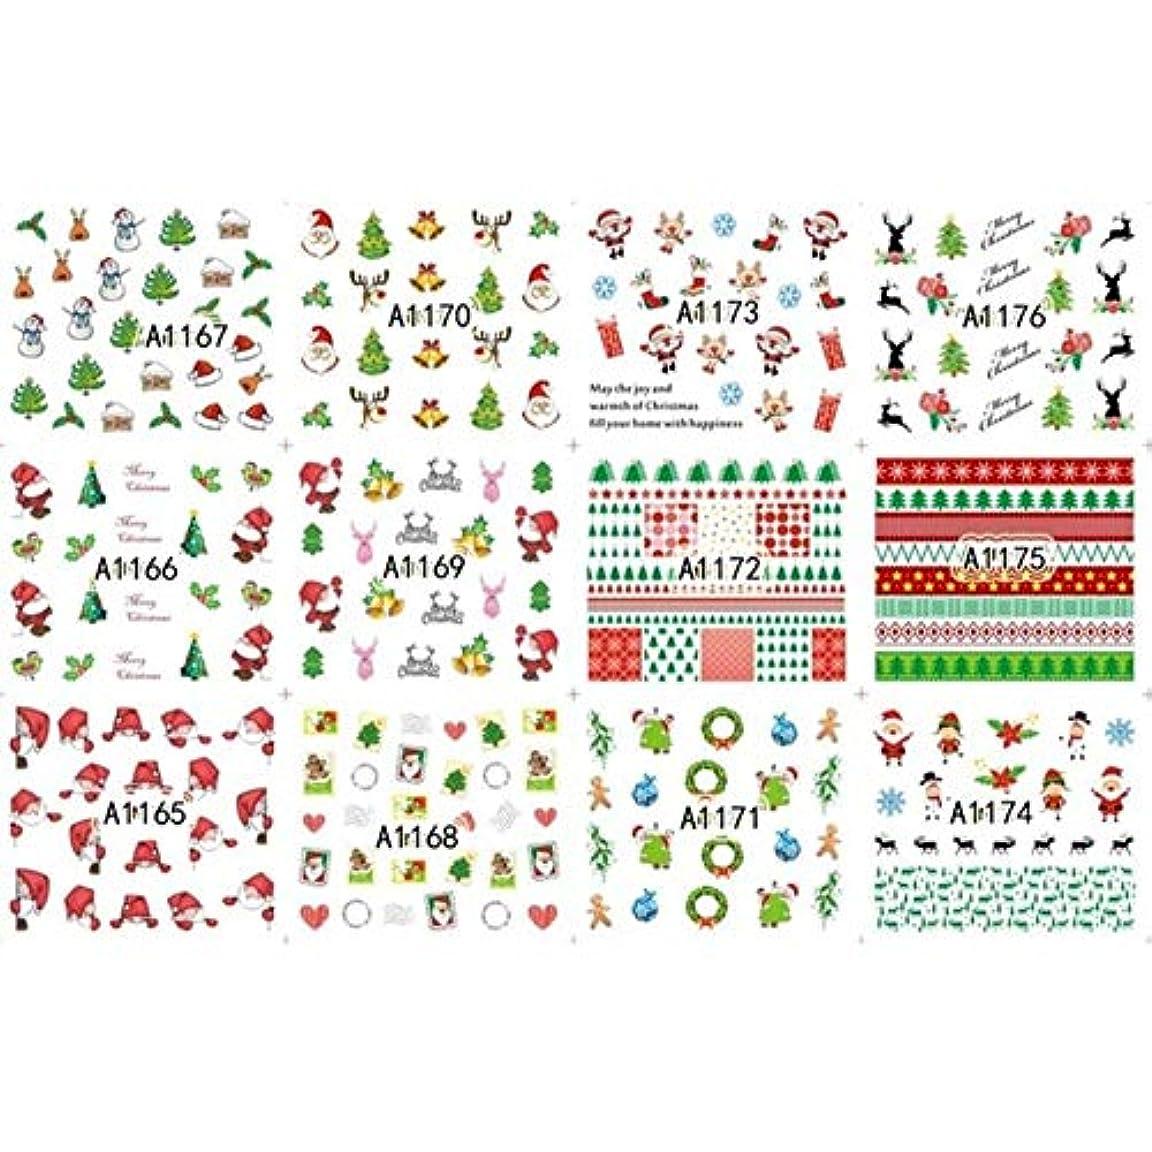 キッチンポテト静かに12枚美容ハロウィンクリスマス水転写ネイルアートステッカーデカールネイルデコレーションマニキュアツールパンプキンスカルデザイン,8